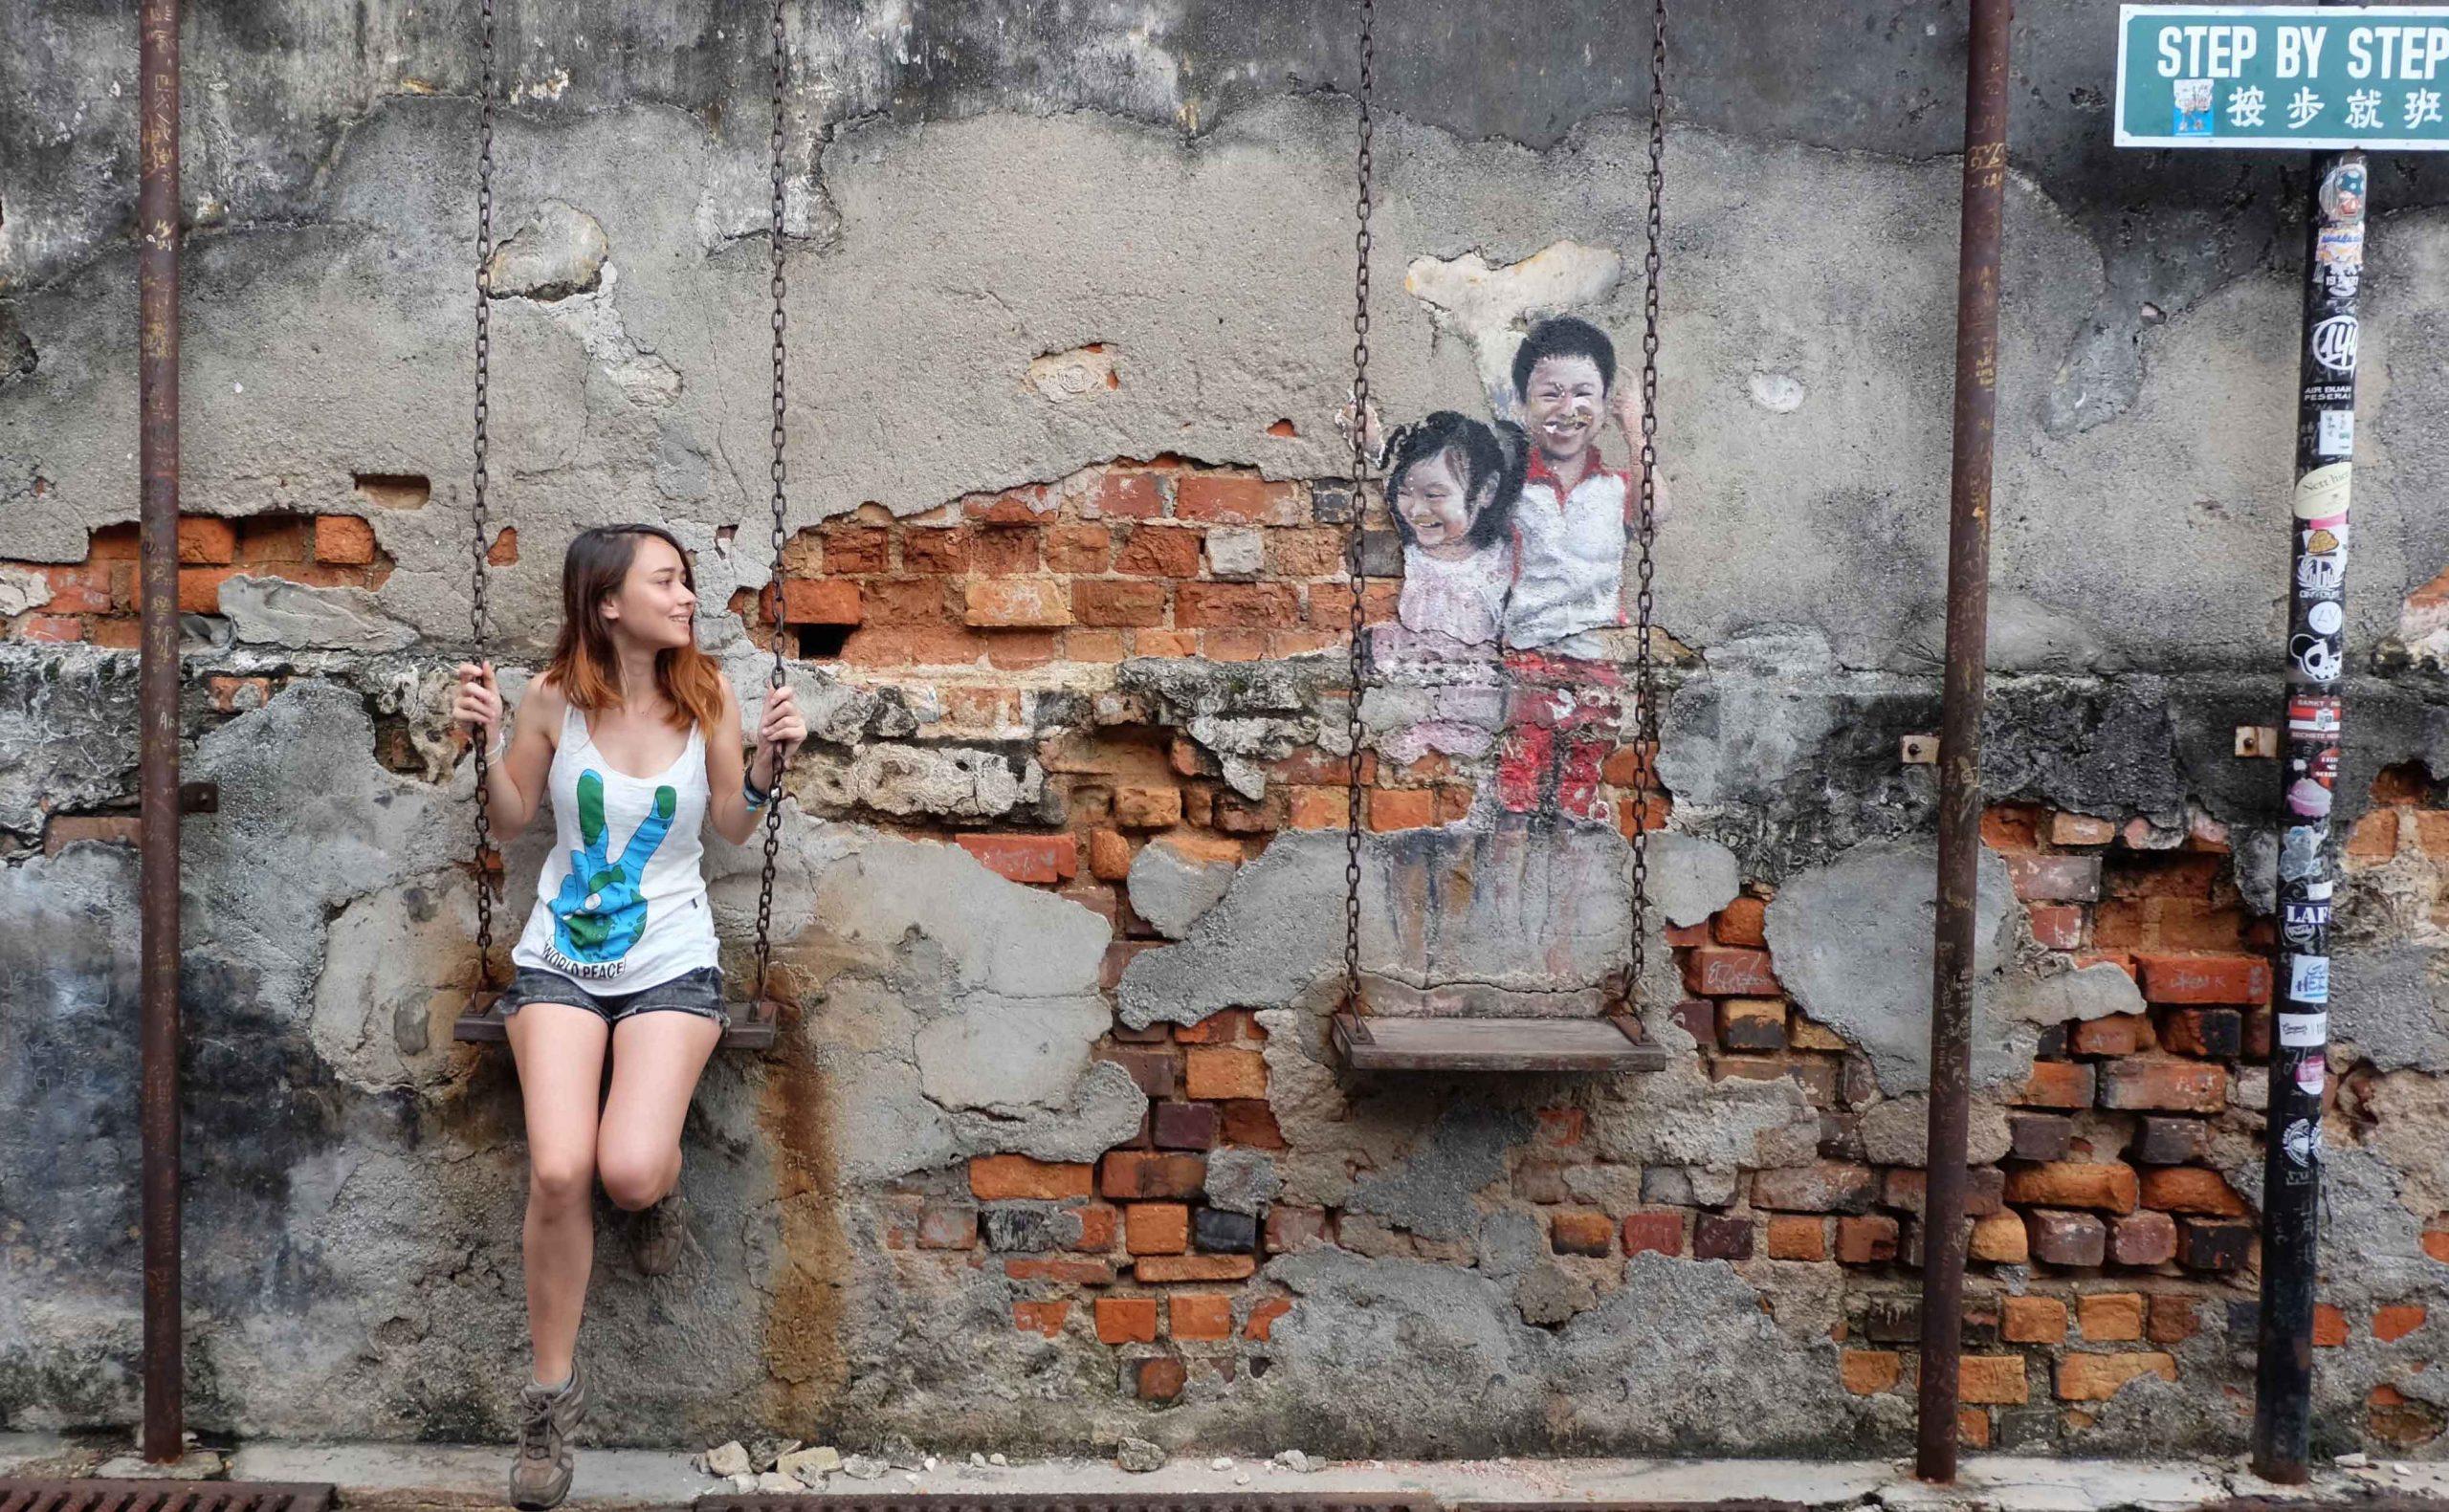 Malezya'nın Sanat Dolu Sokaklarında Kaybolmak- Penang Sokak Sanatı